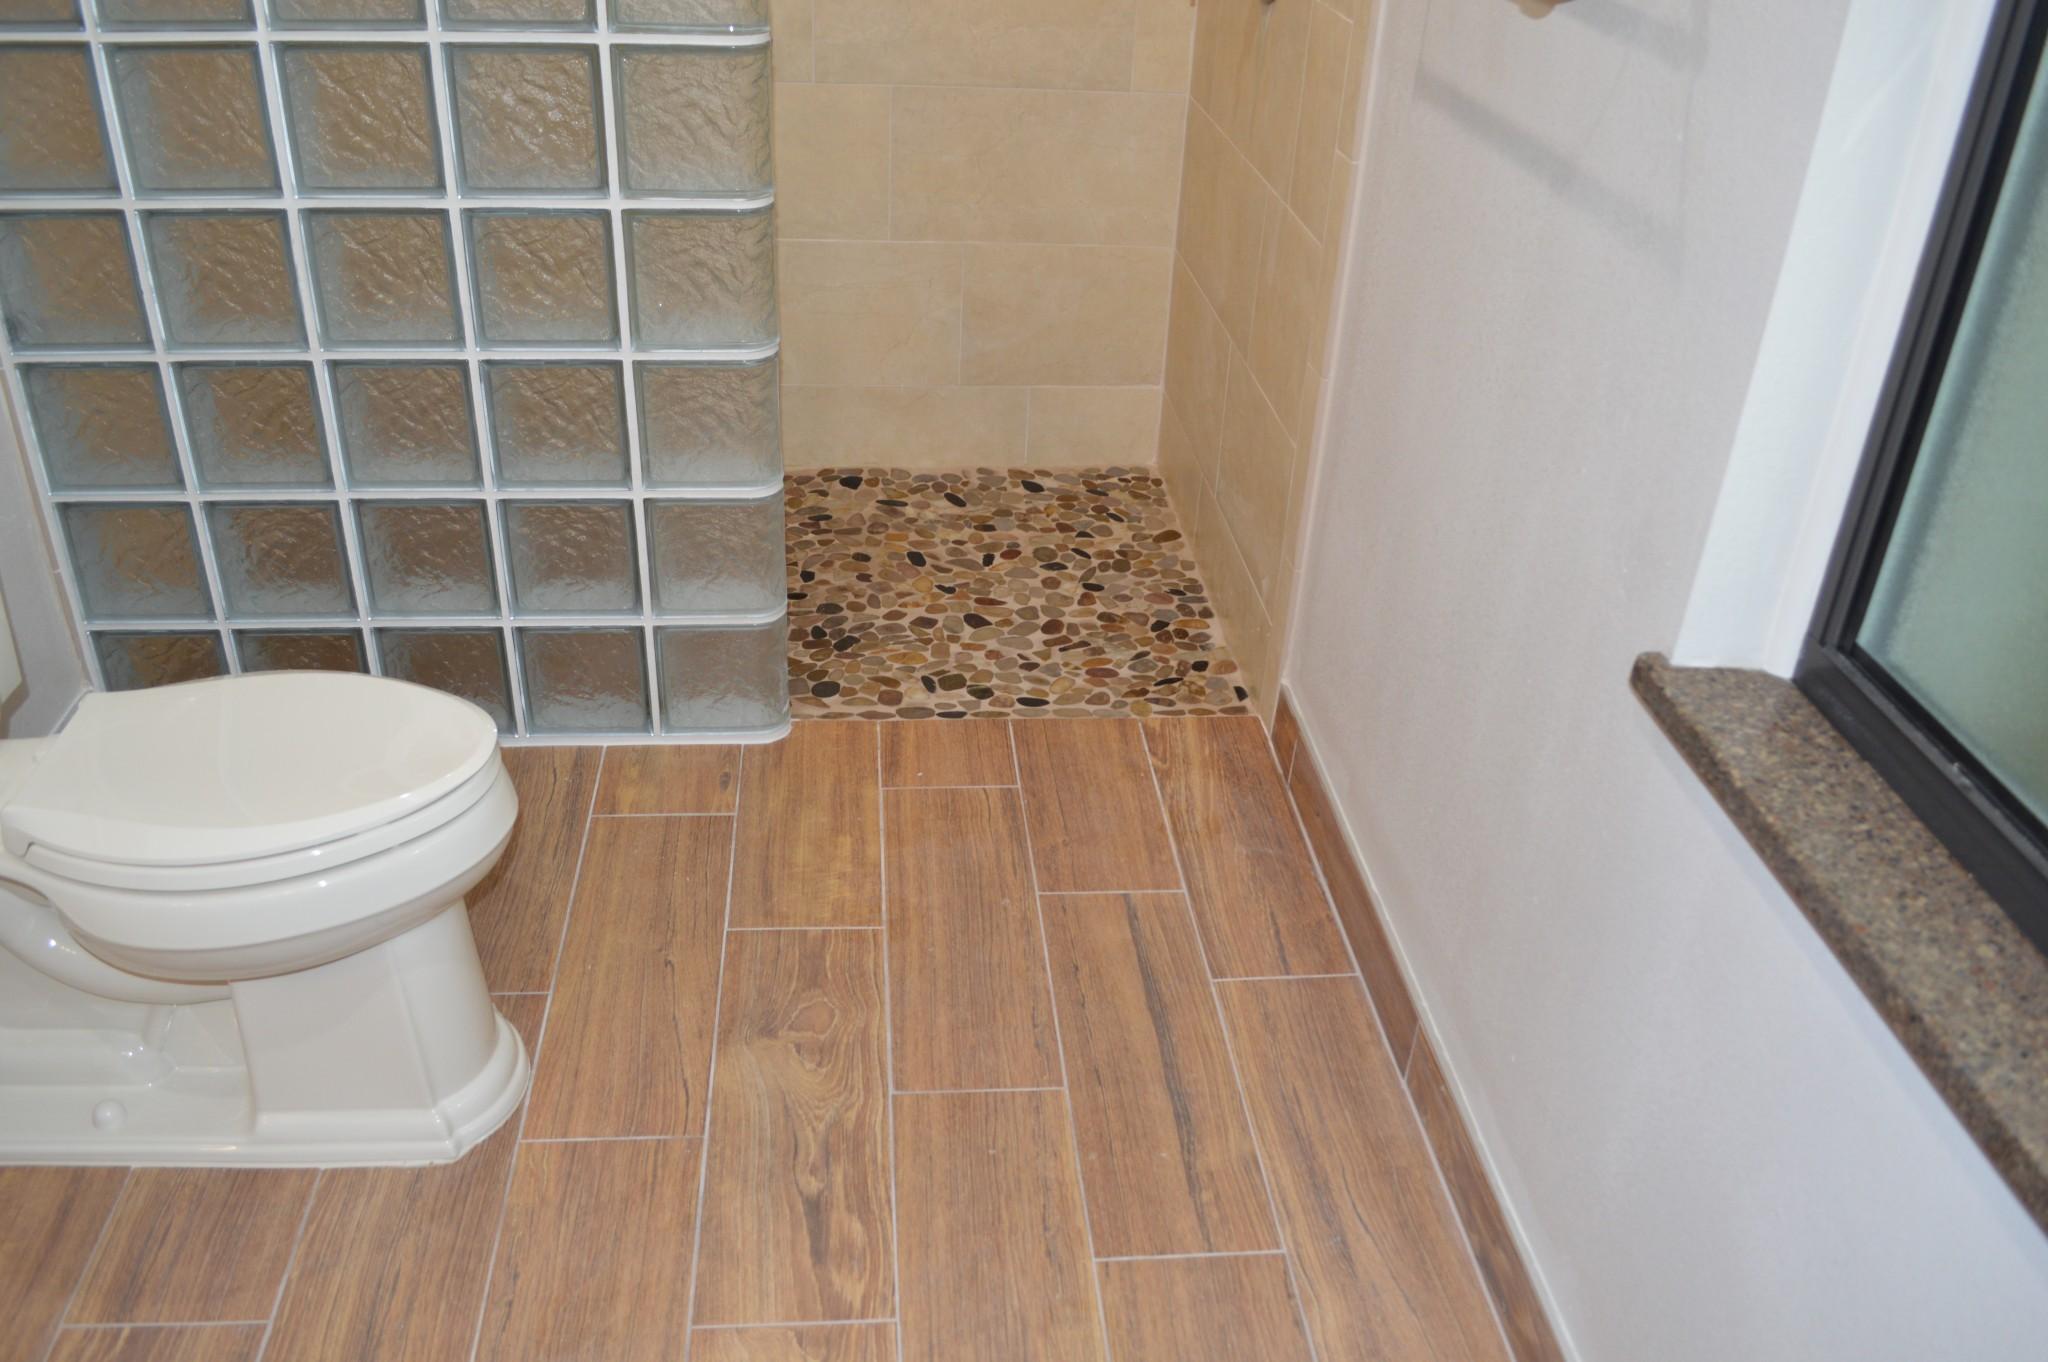 Redo bathroom floor 28 images remodelaholic bathroom for Redo bathroom floor